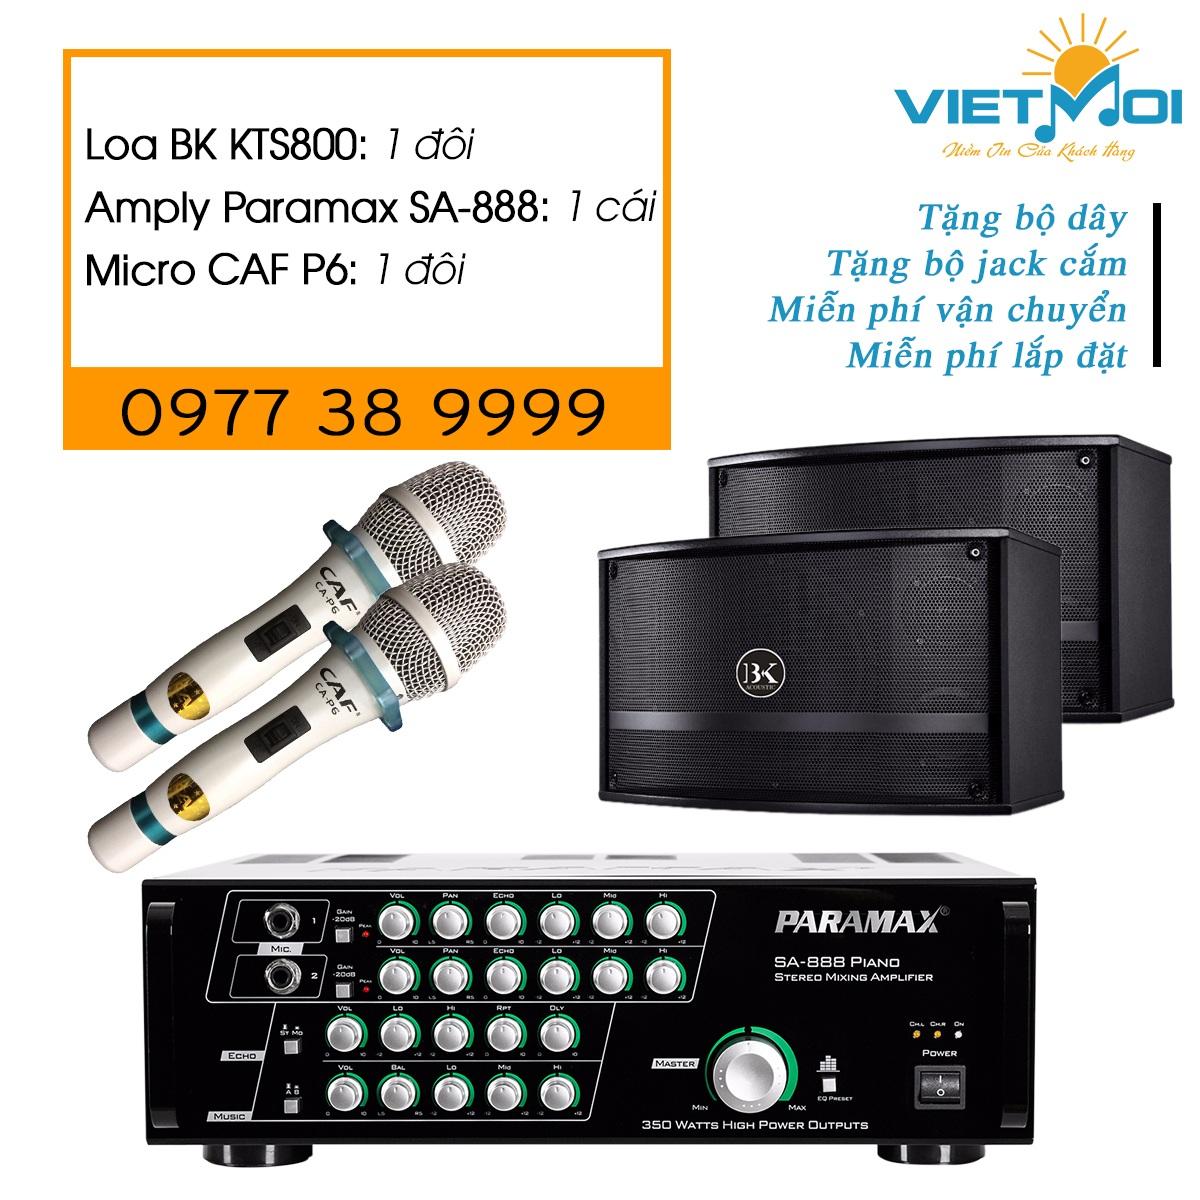 Dàn karaoke gia đình VM-GD016